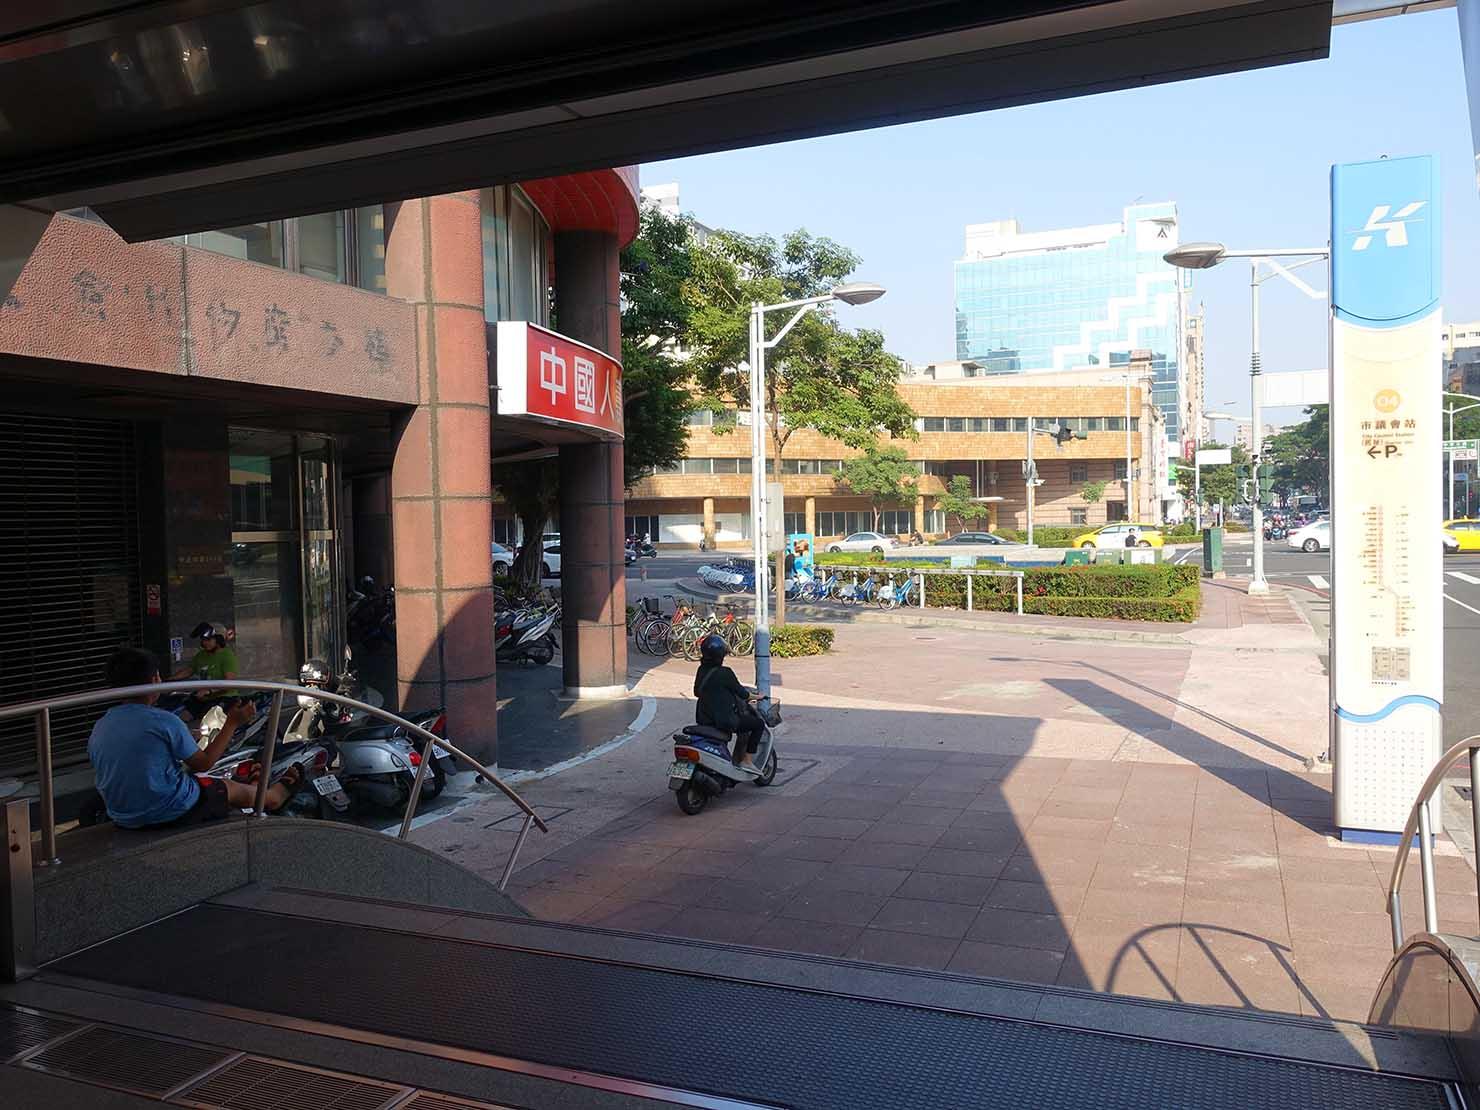 高雄MRT市議會駅4番出口